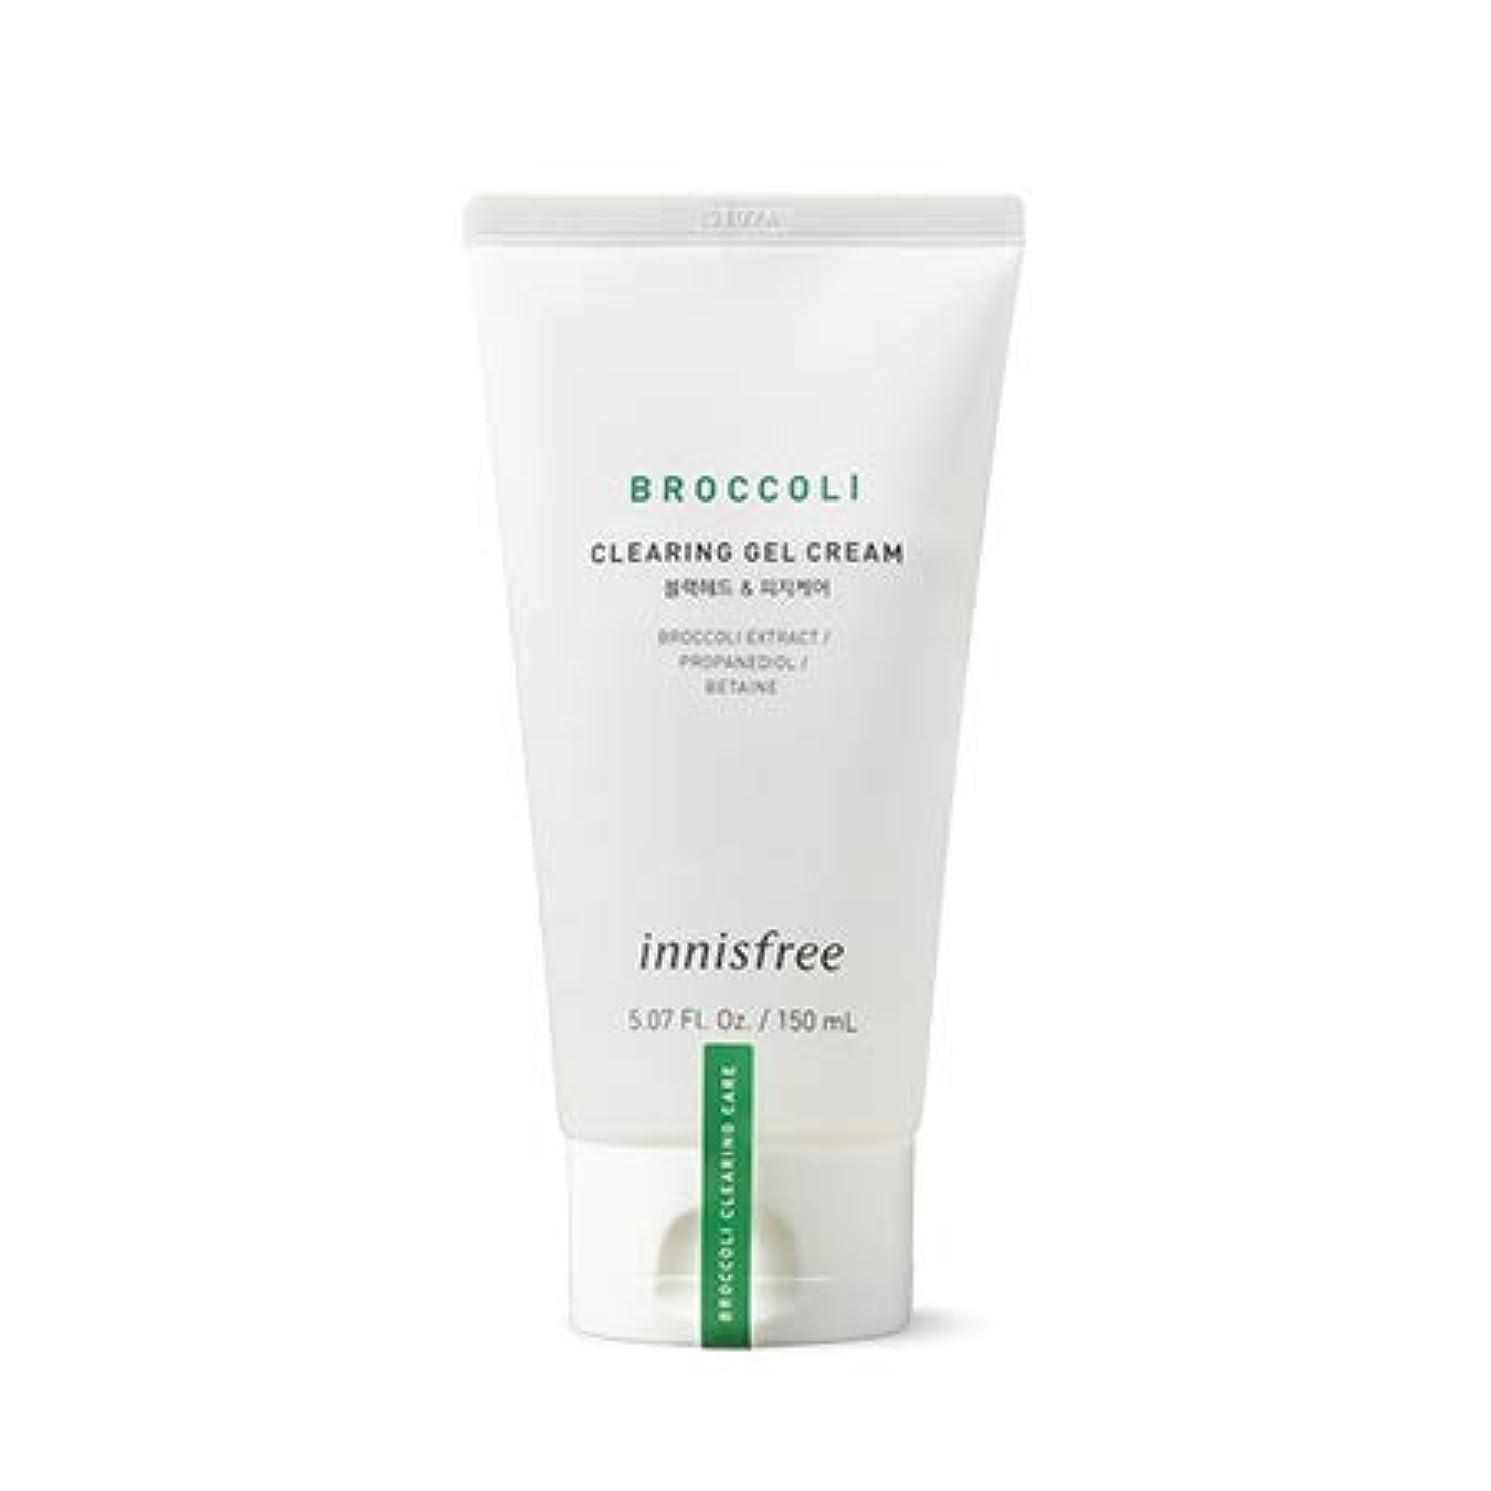 トイレ気を散らすラインナップ[イニスフリー.INNISFREE]ブロッコリークリアジェルクリーム150mL(2019新発売)/ Broccoli Clearing Gel Cream